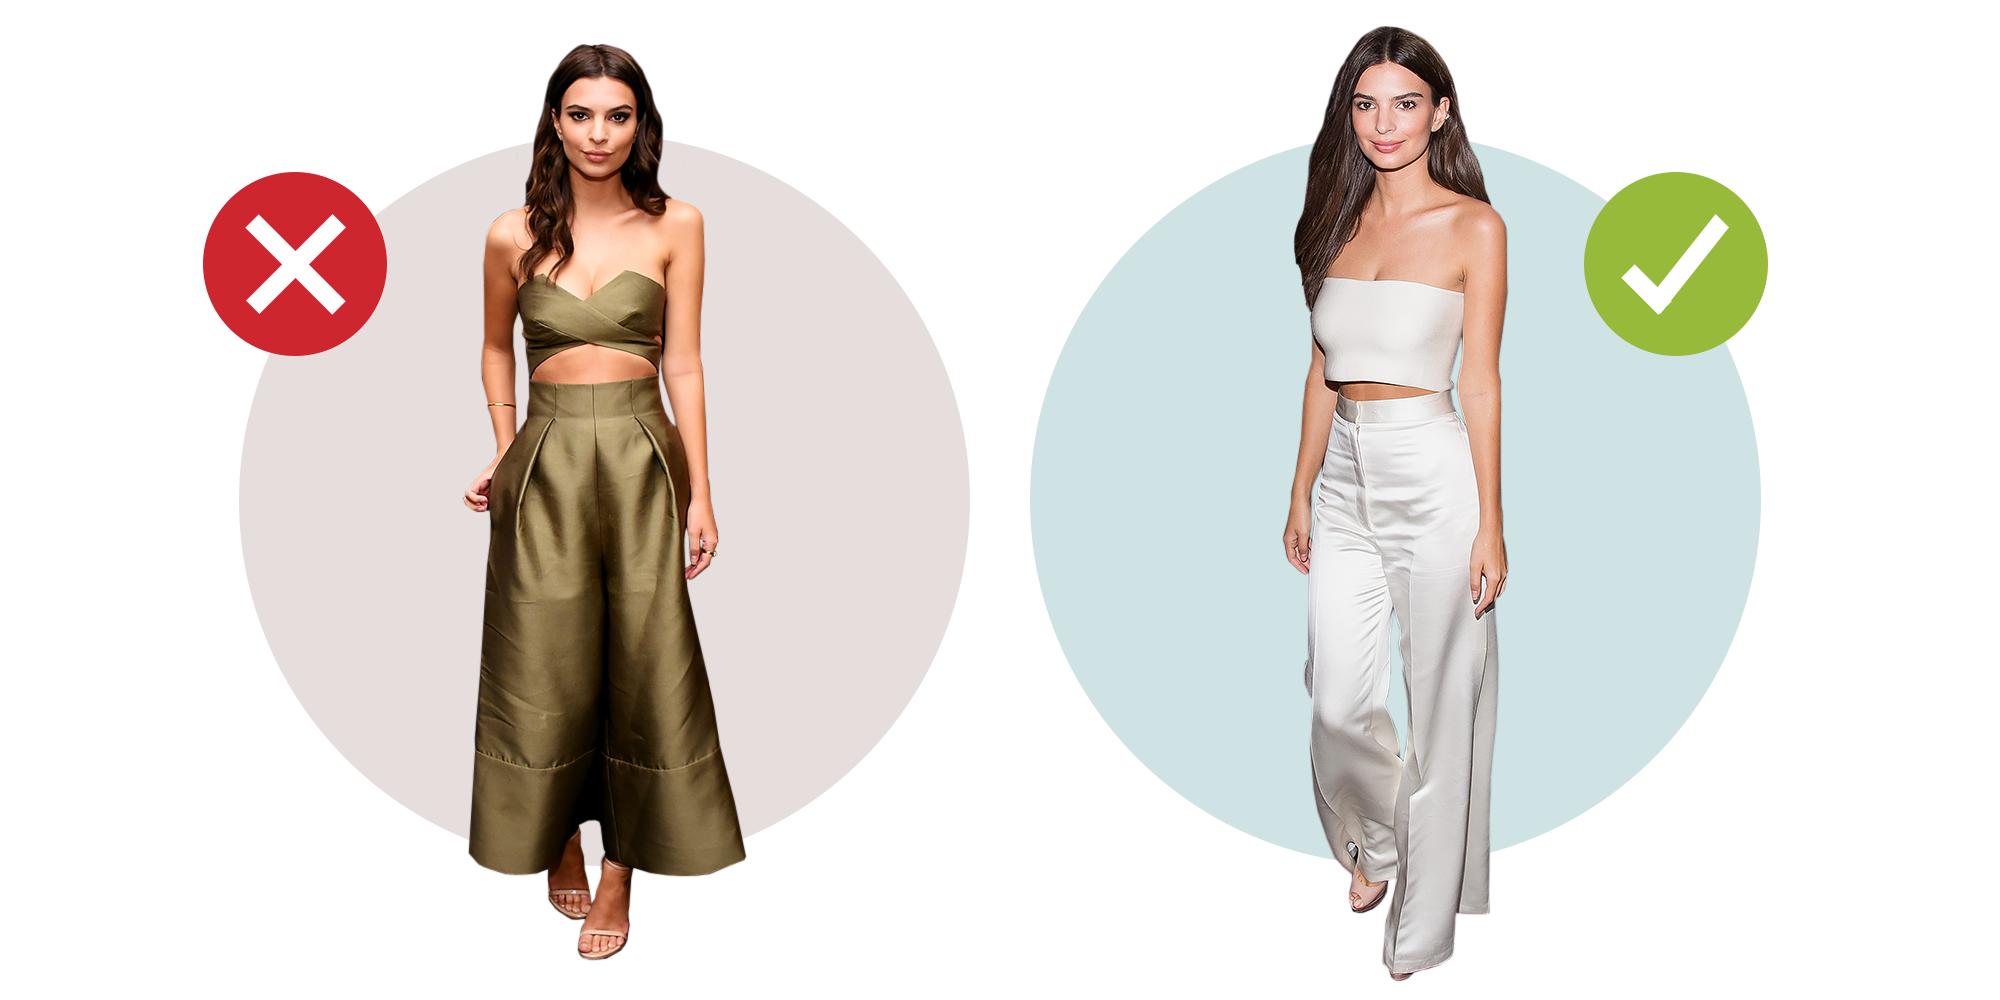 10 trucchi fashion (e non solo) per sembrare più alte: video